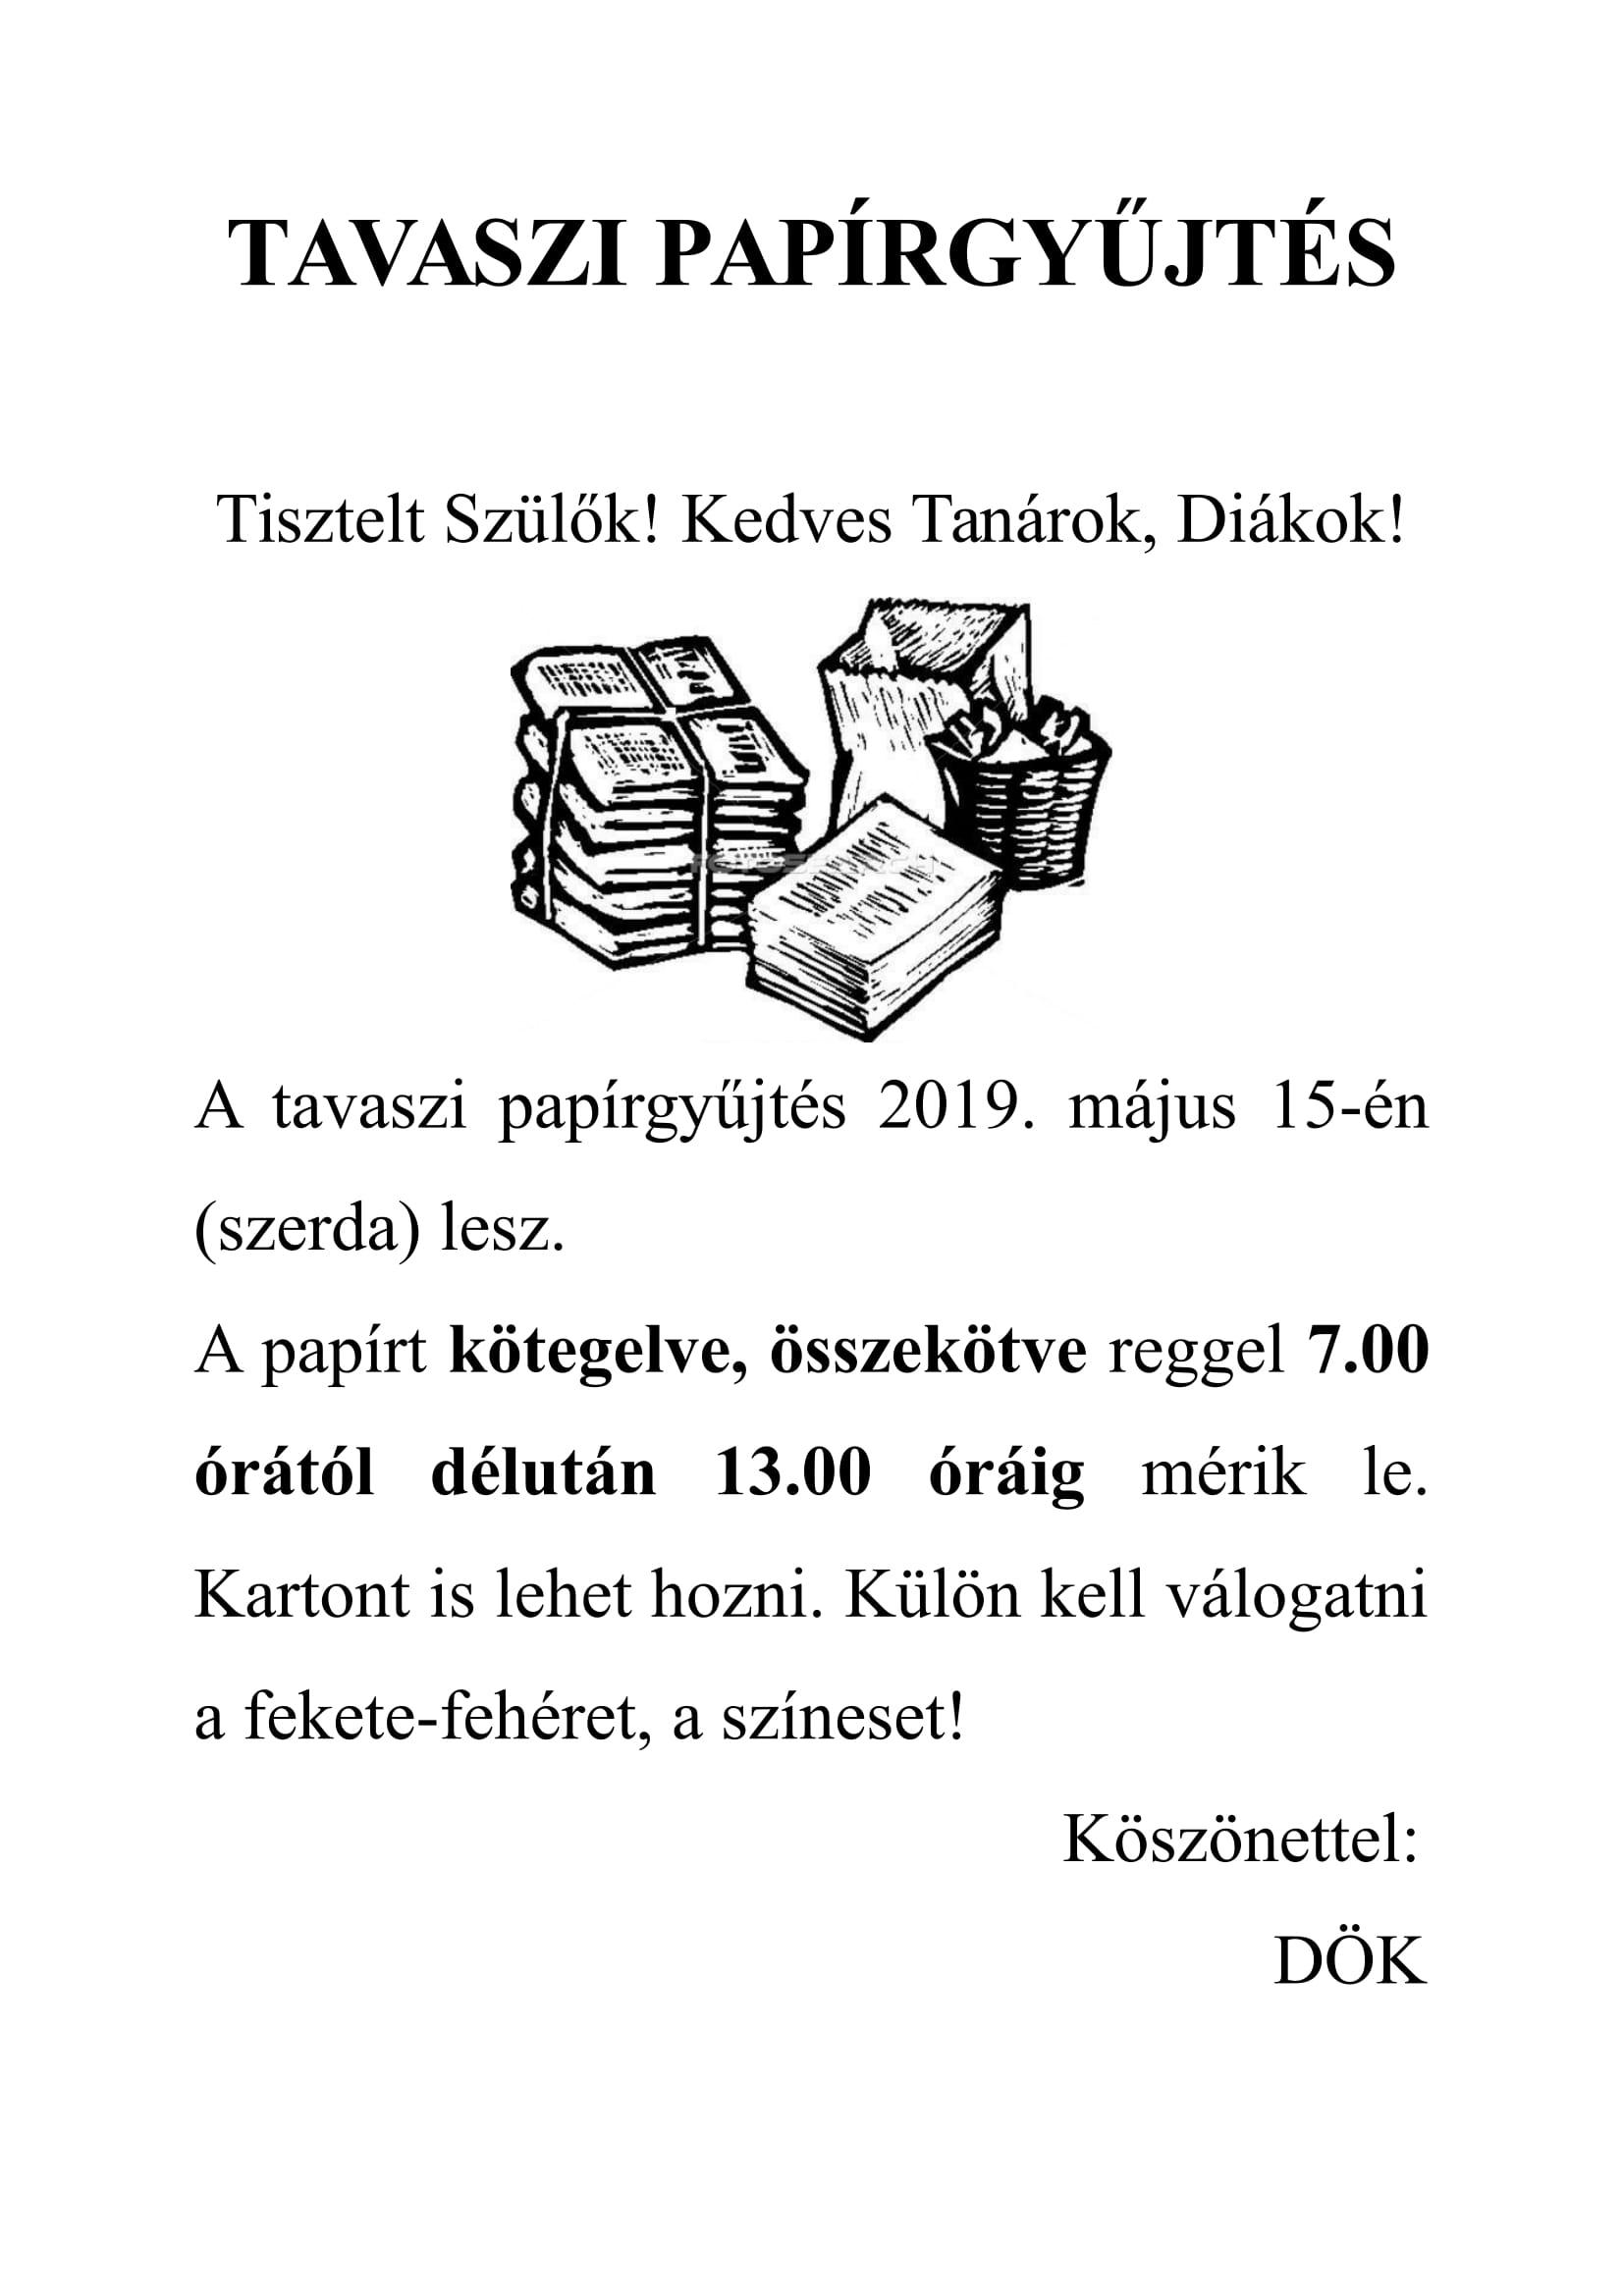 tavaszi_papirgyujtes_2019-1.jpg